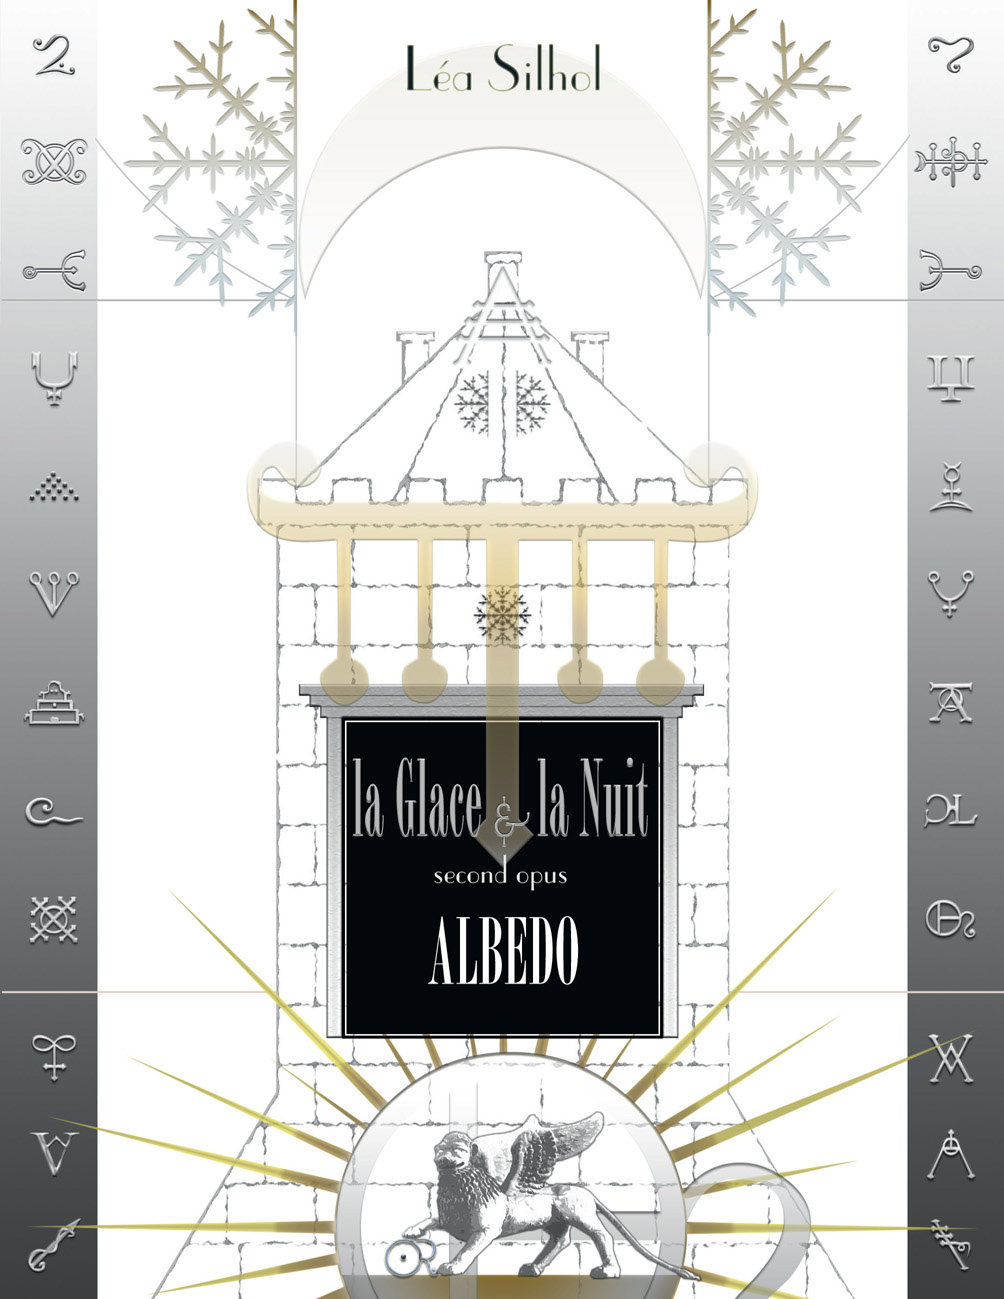 Léa Silhol - La Glace et la Nuit - Cycle Fantasy, Vertigen